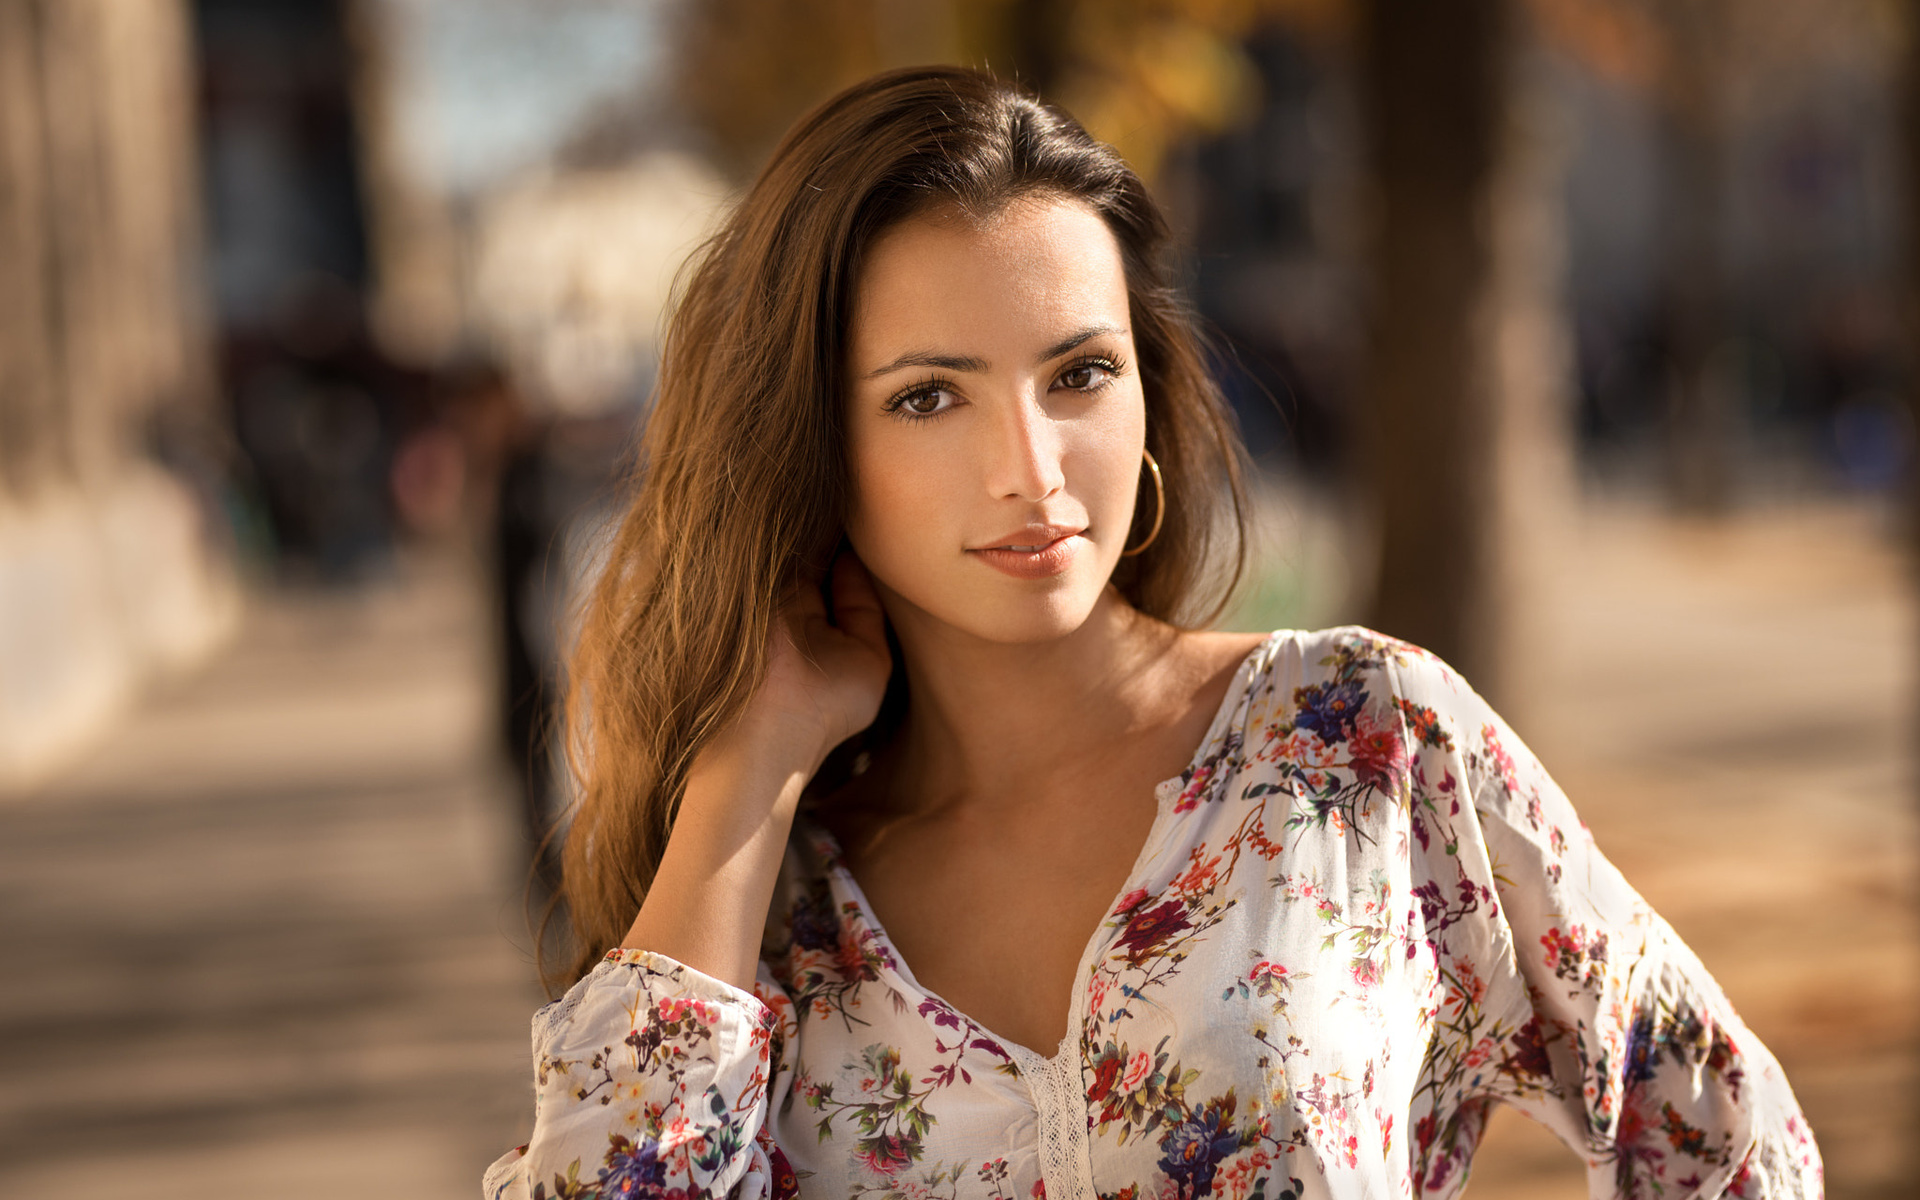 Моделей девушек фото иностранок